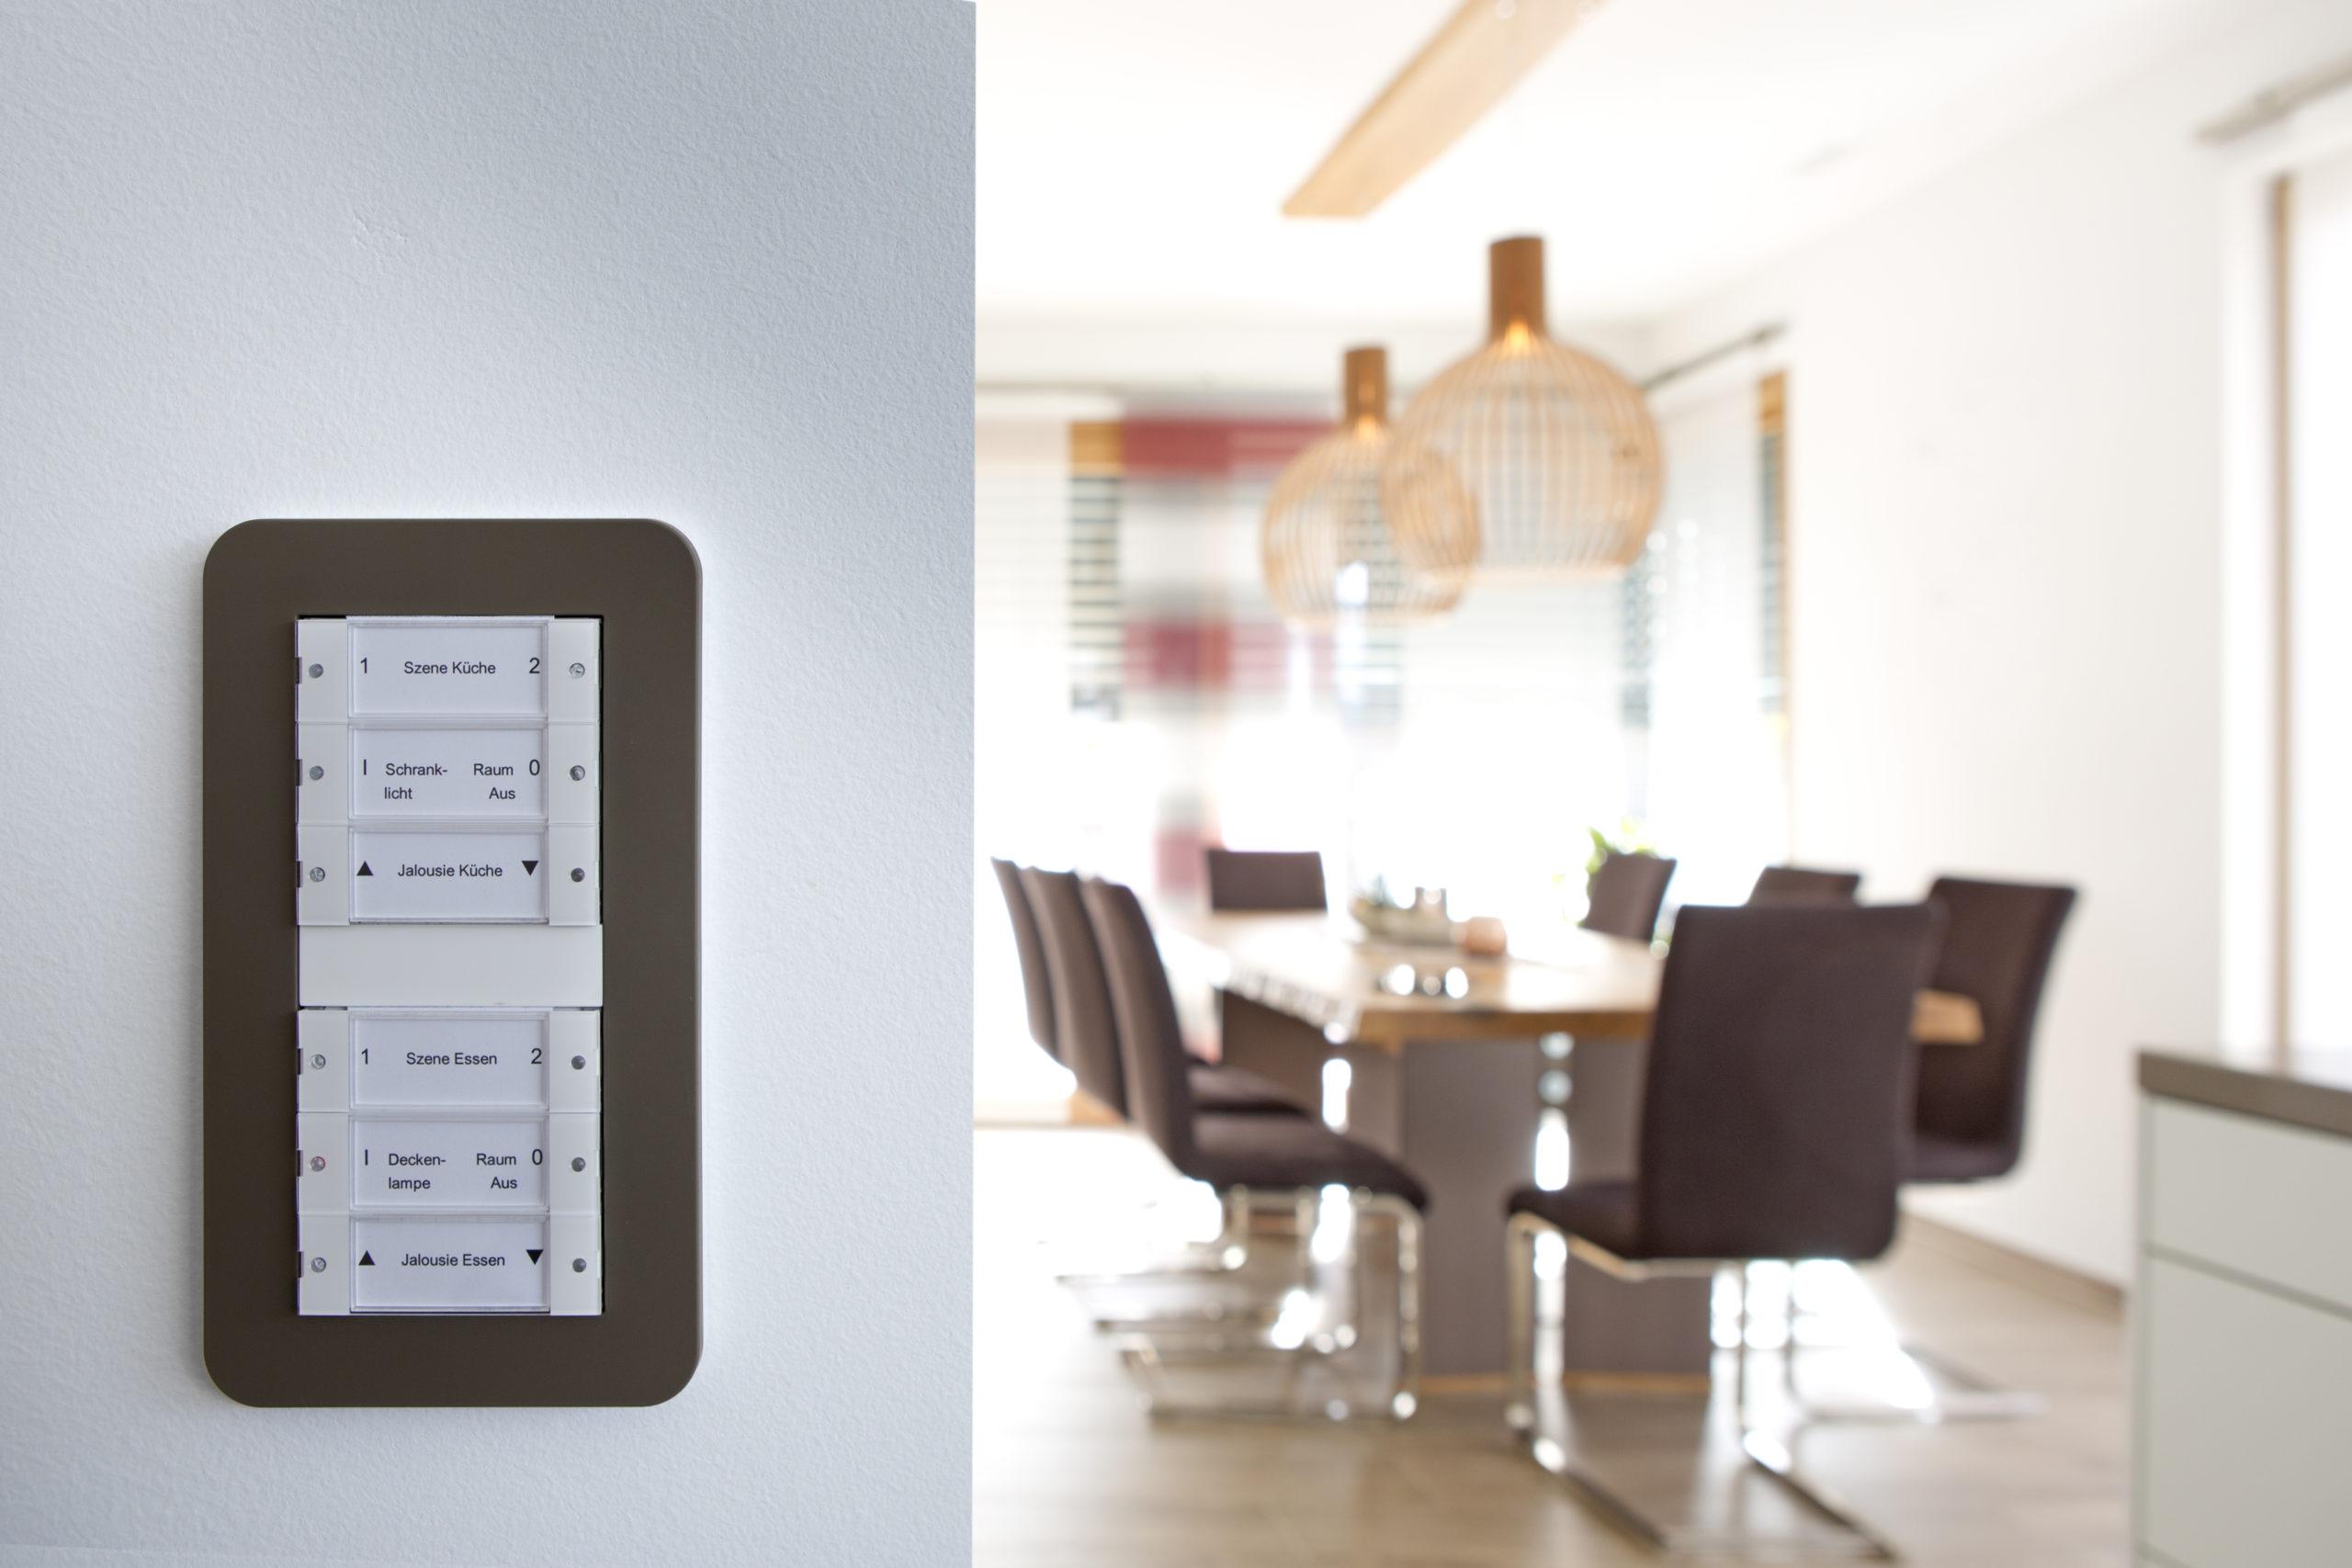 Auf Tastsensoren im Schalterdesign Gira E3 sind komplexe Lichtszenen abgelegt und die Jalousien können bedient werden – einfach per Tastendruck. Auch optisch passt das Schalterprogramm in Umbra und mit seiner seidenmatten Oberfläche bestens ins Ambiente